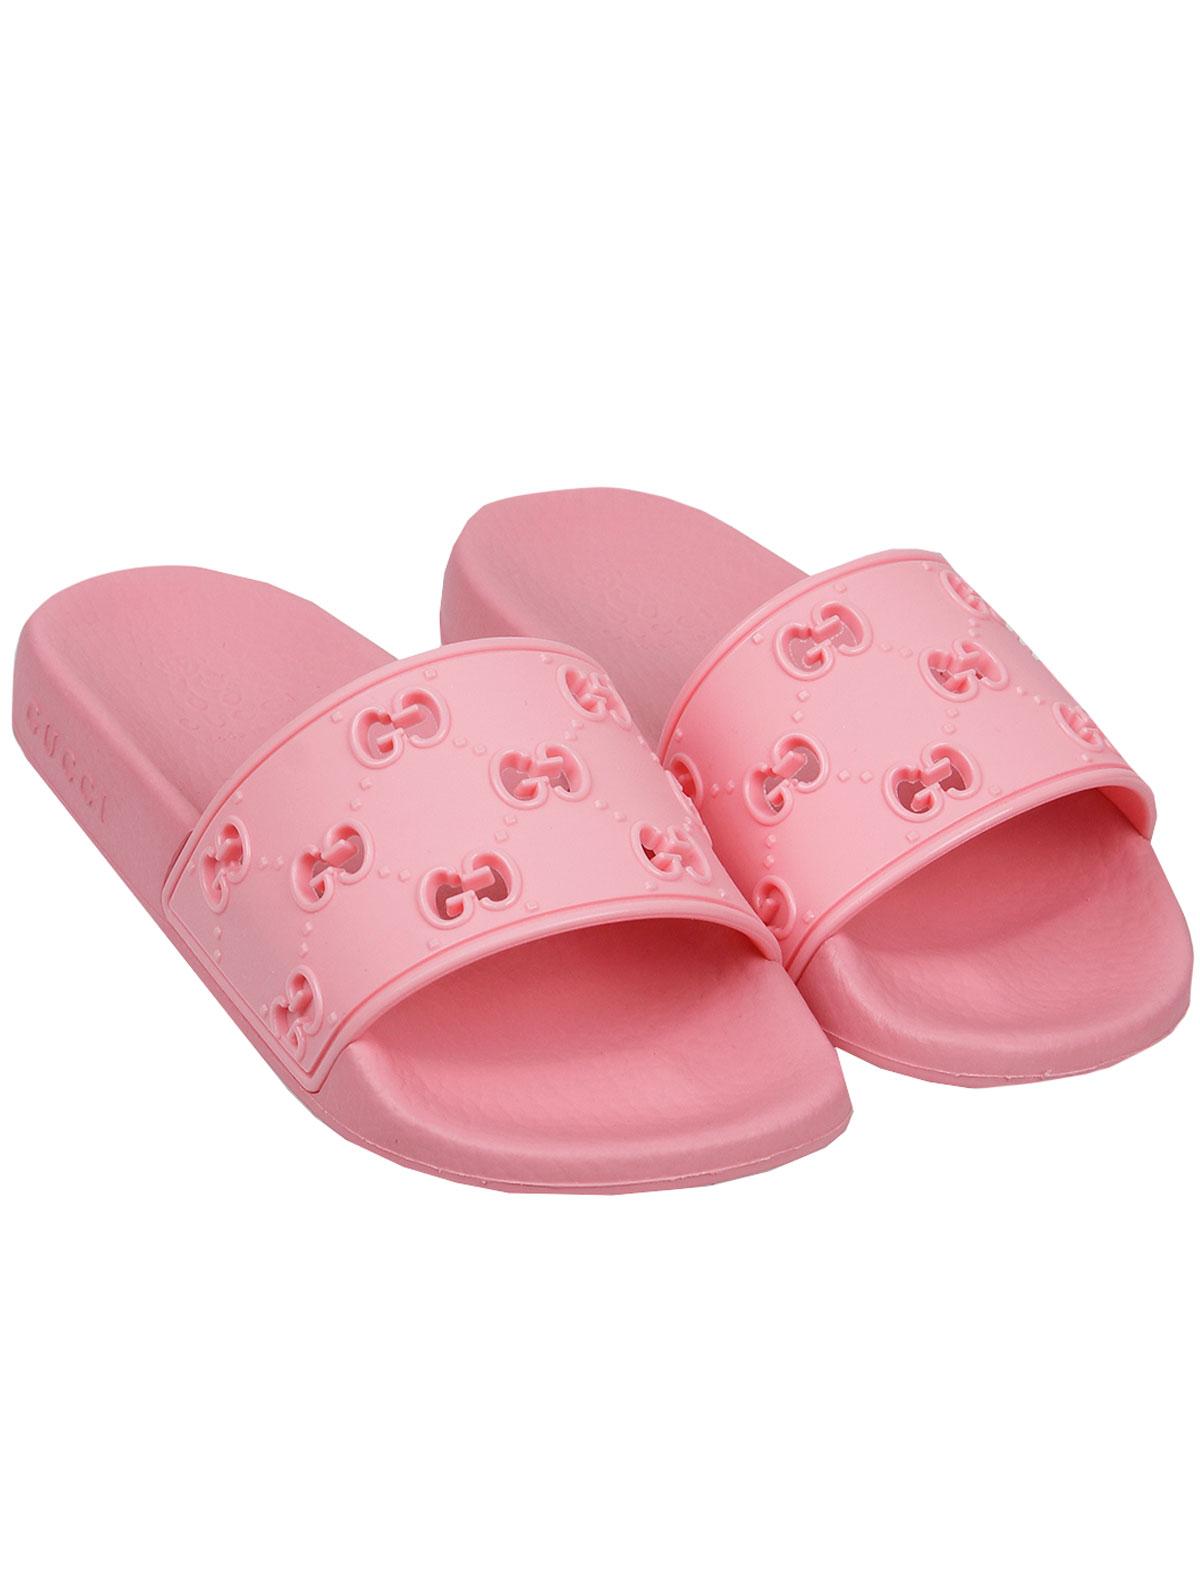 Купить 2159489, Шлепанцы пляжные GUCCI, розовый, Женский, 2282609070044